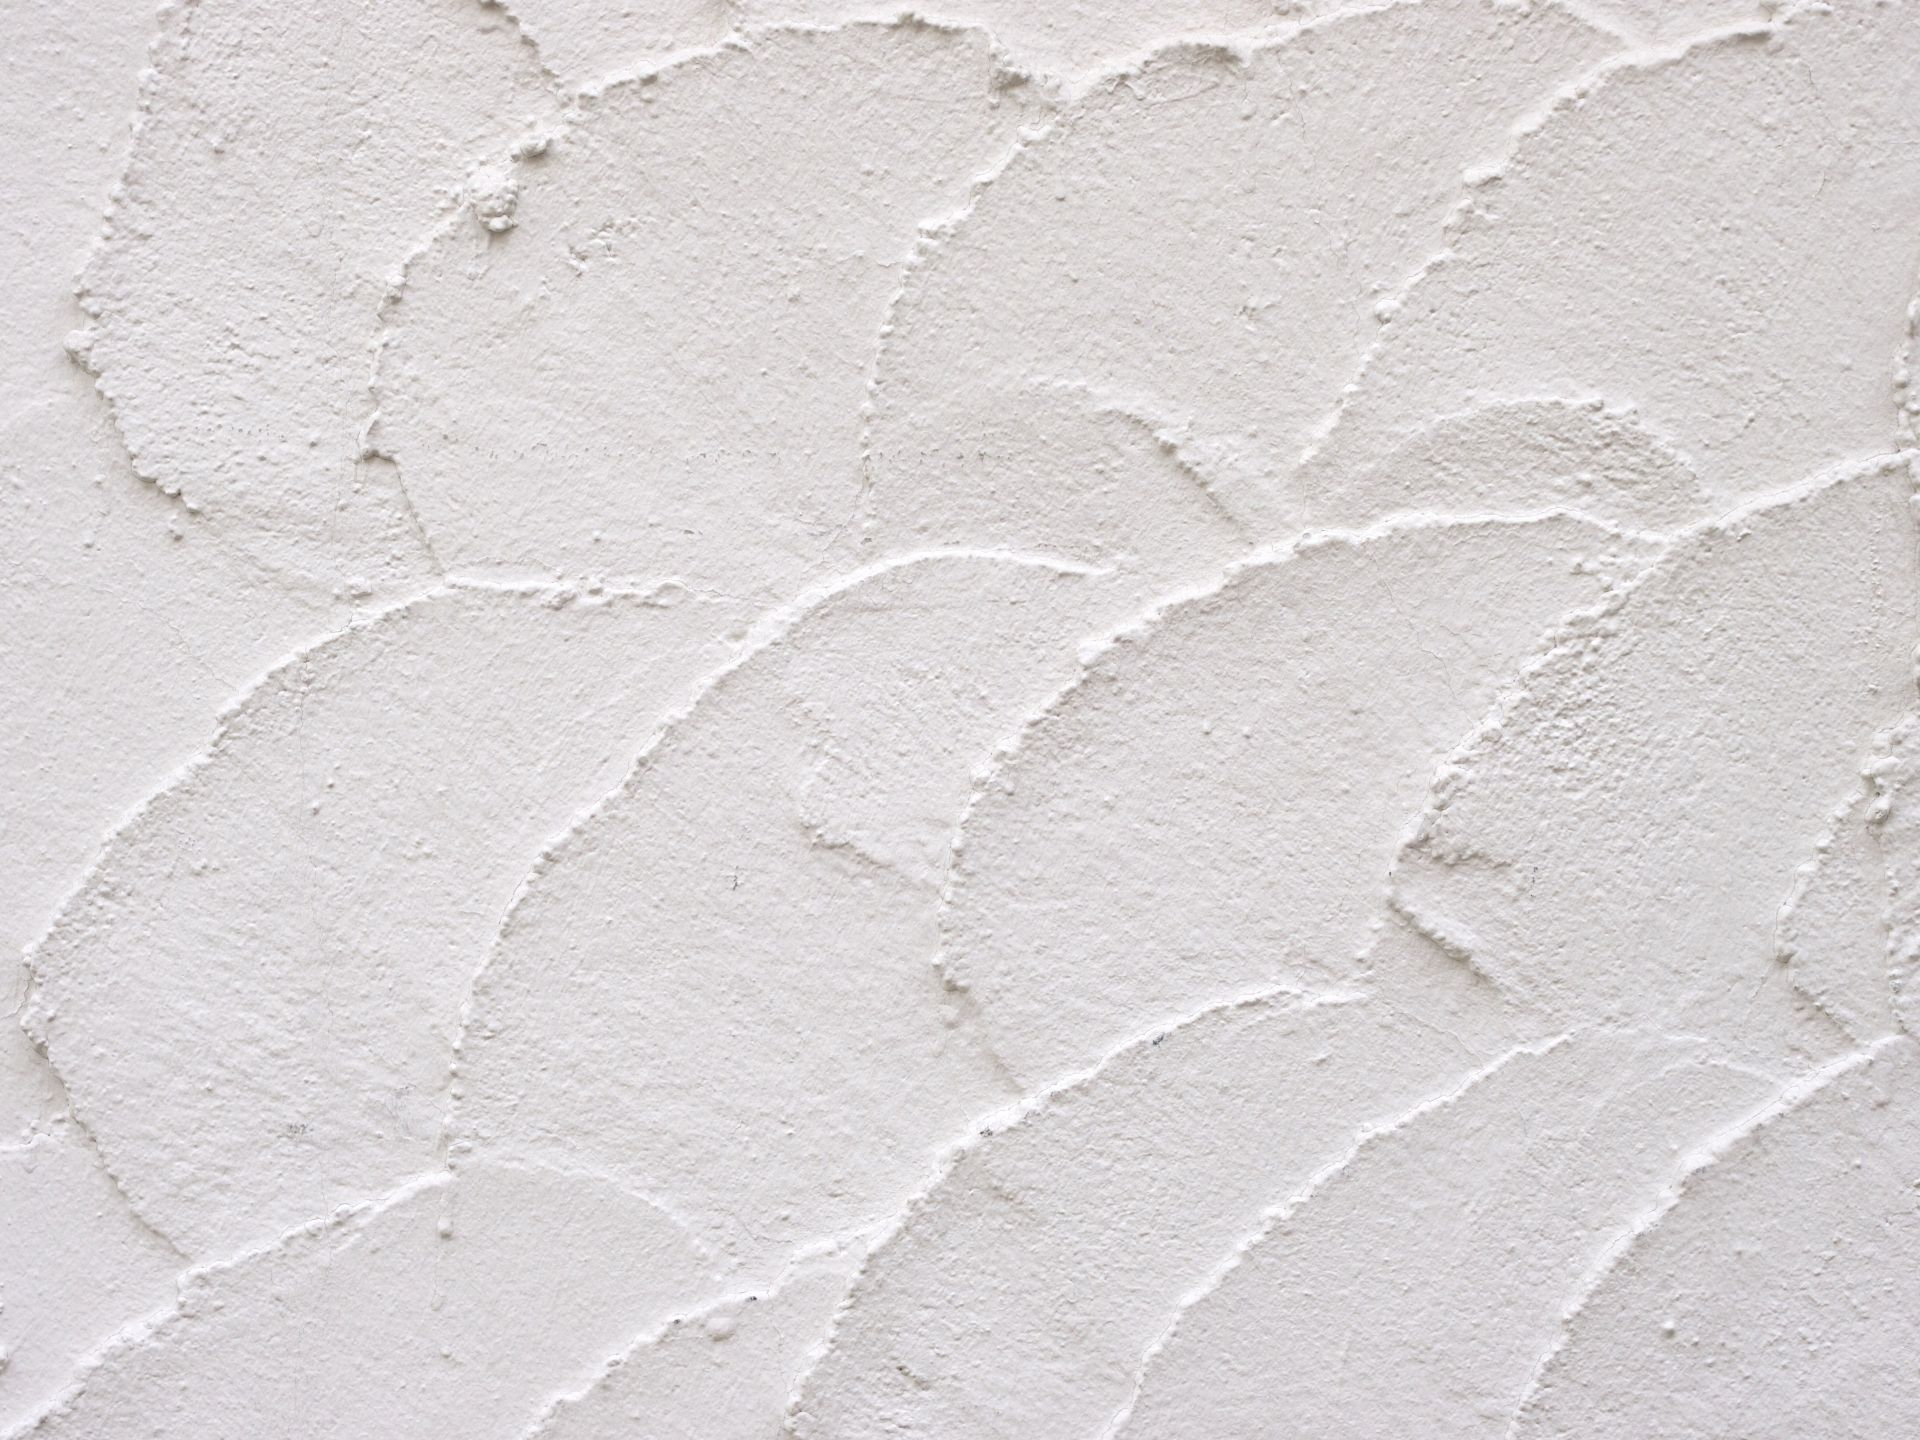 塗り壁 とは何か 誰でもわかるリノベ用語集 リノベーション情報サイト Reno